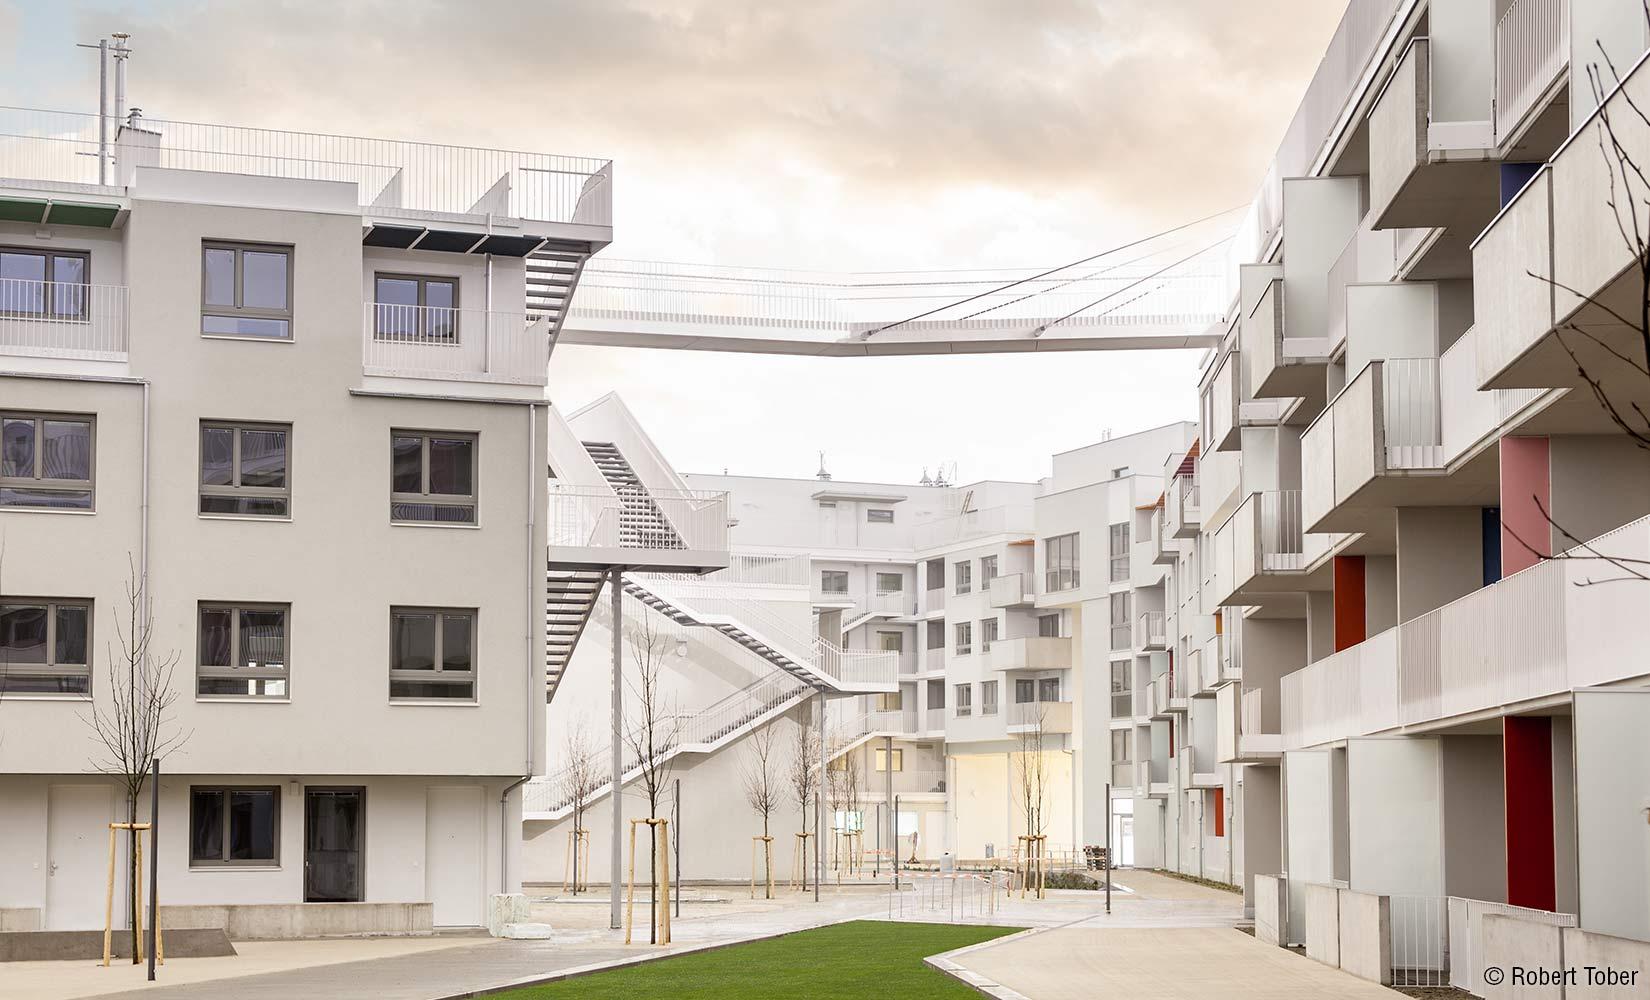 Wohnsiedlung unmittelbar nach der Fertigstellung © Robert Tober